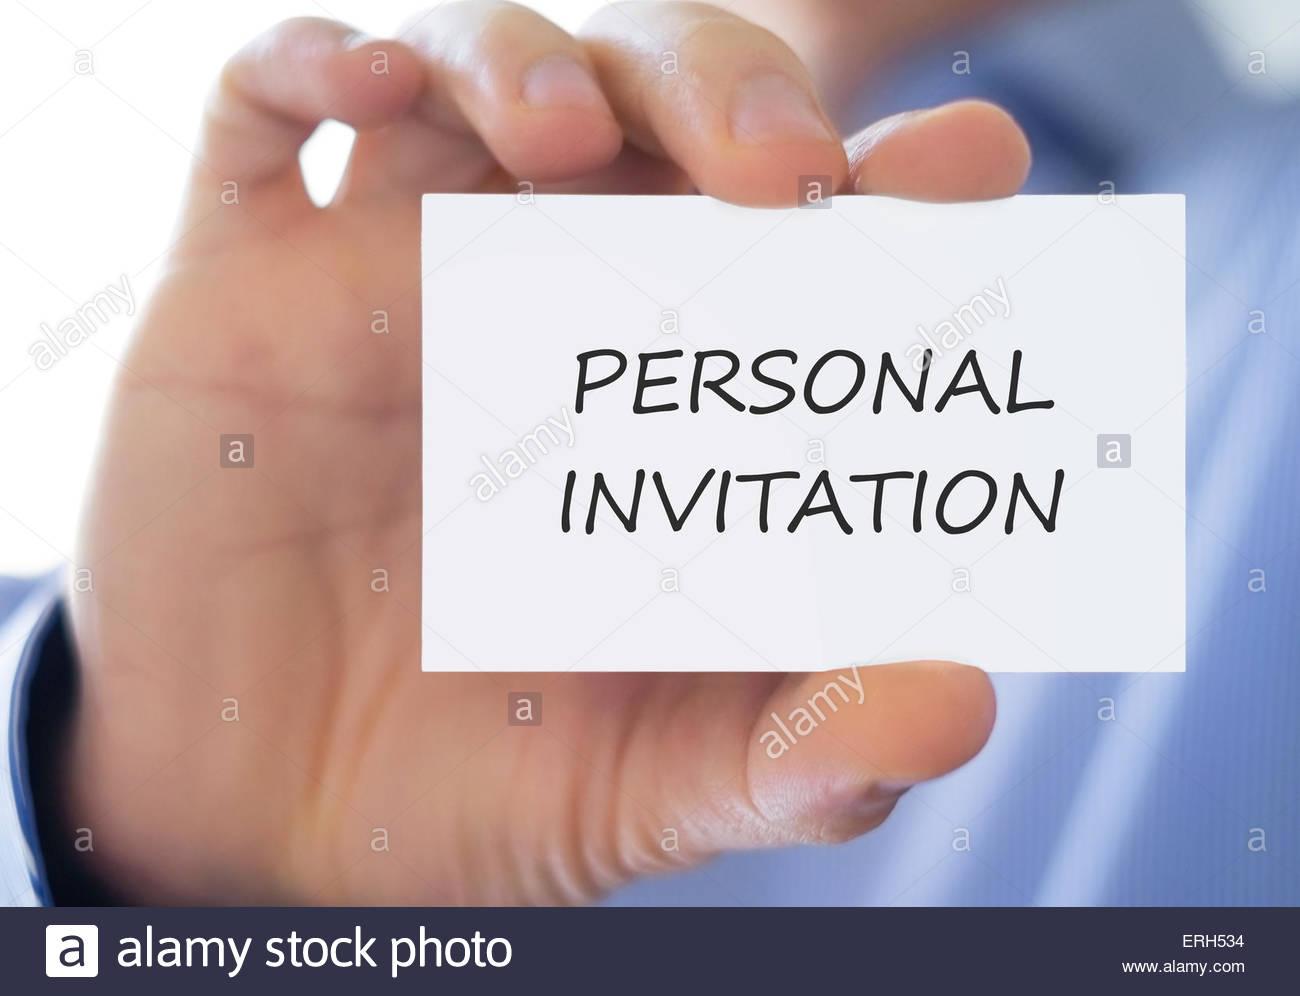 Persönliche Einladung Stockbild